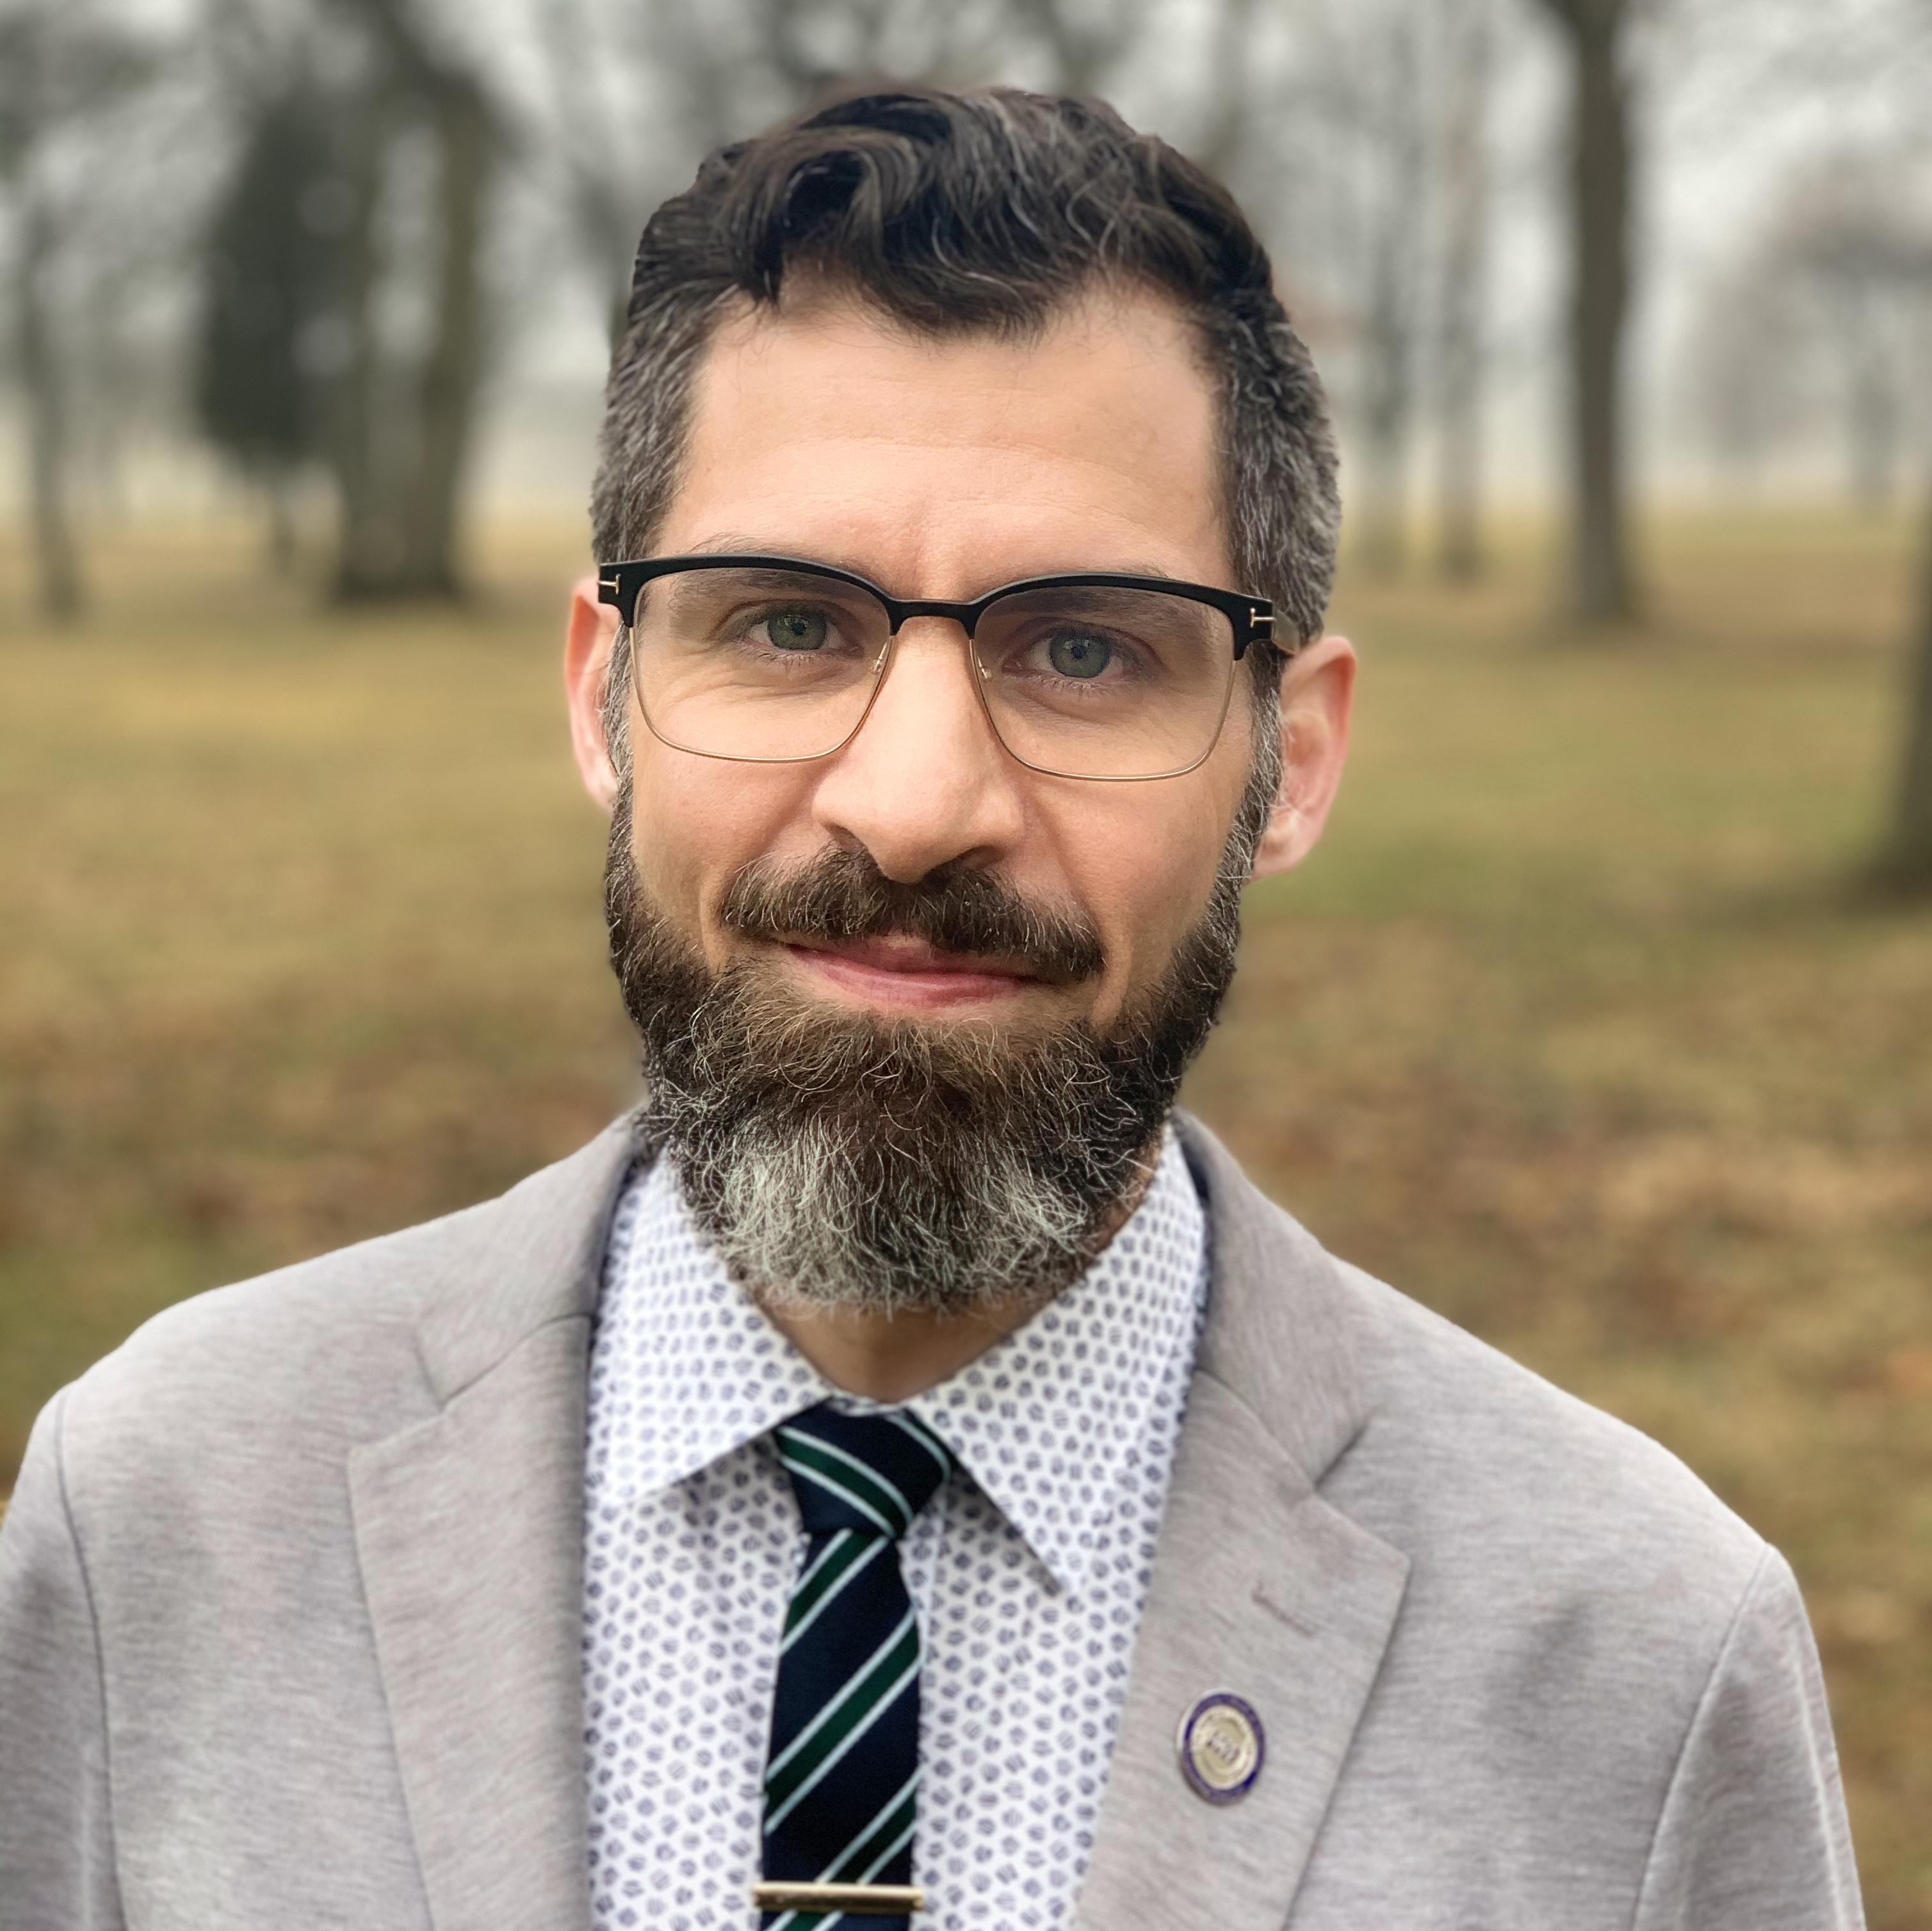 Dr. Nicholas Soulakis